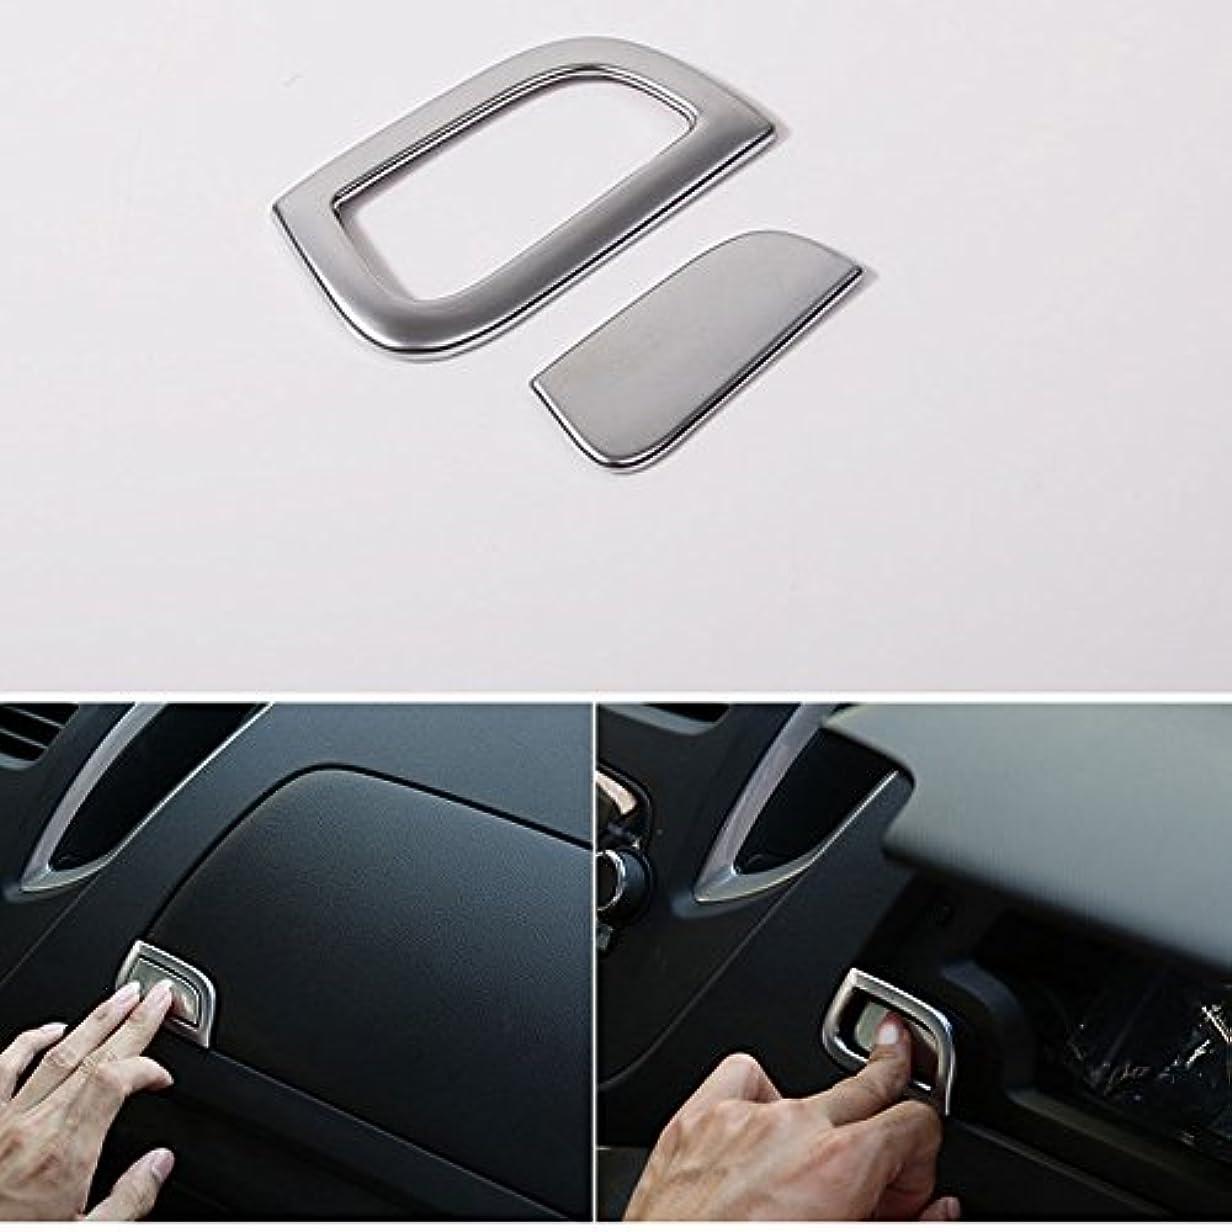 何もないメリー製品Jicorzo - Car Dash Golve Storage Box Switch Button Cover Trim ABS Chrome Decor Frame Car Styling Sticker For Chevrolet TRAX 2014 2015 2016